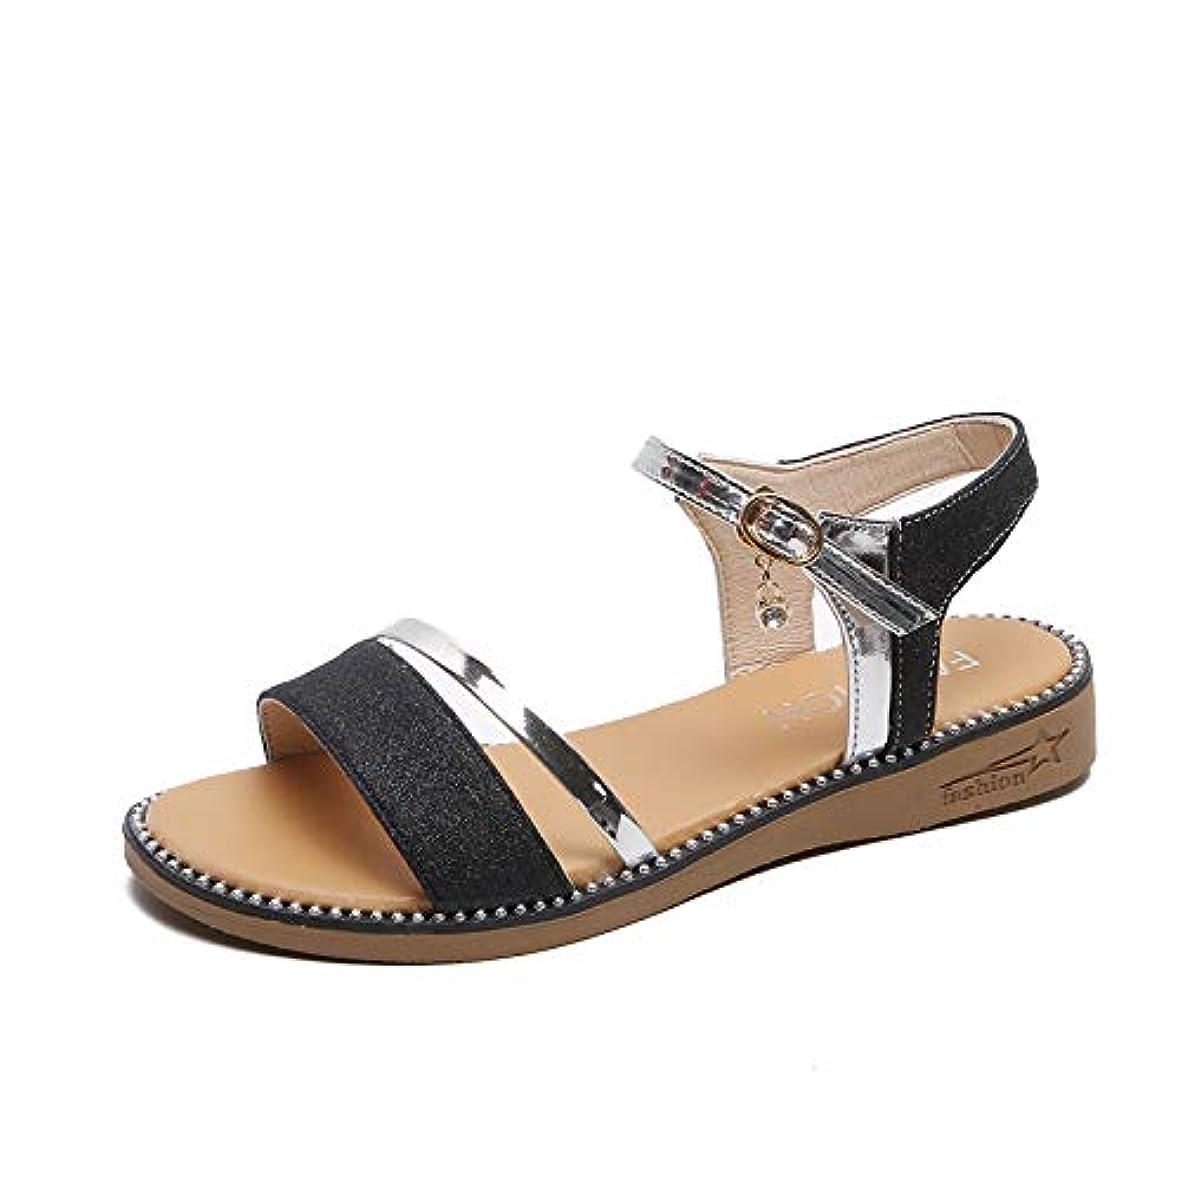 クローゼットバッフルエキス[フェイミー] ローヒール サンダル ウェッジ ソール ストラップ 付き 履きやすい 歩きやすい 黒 22.0cm ~ 24.5cm レディース